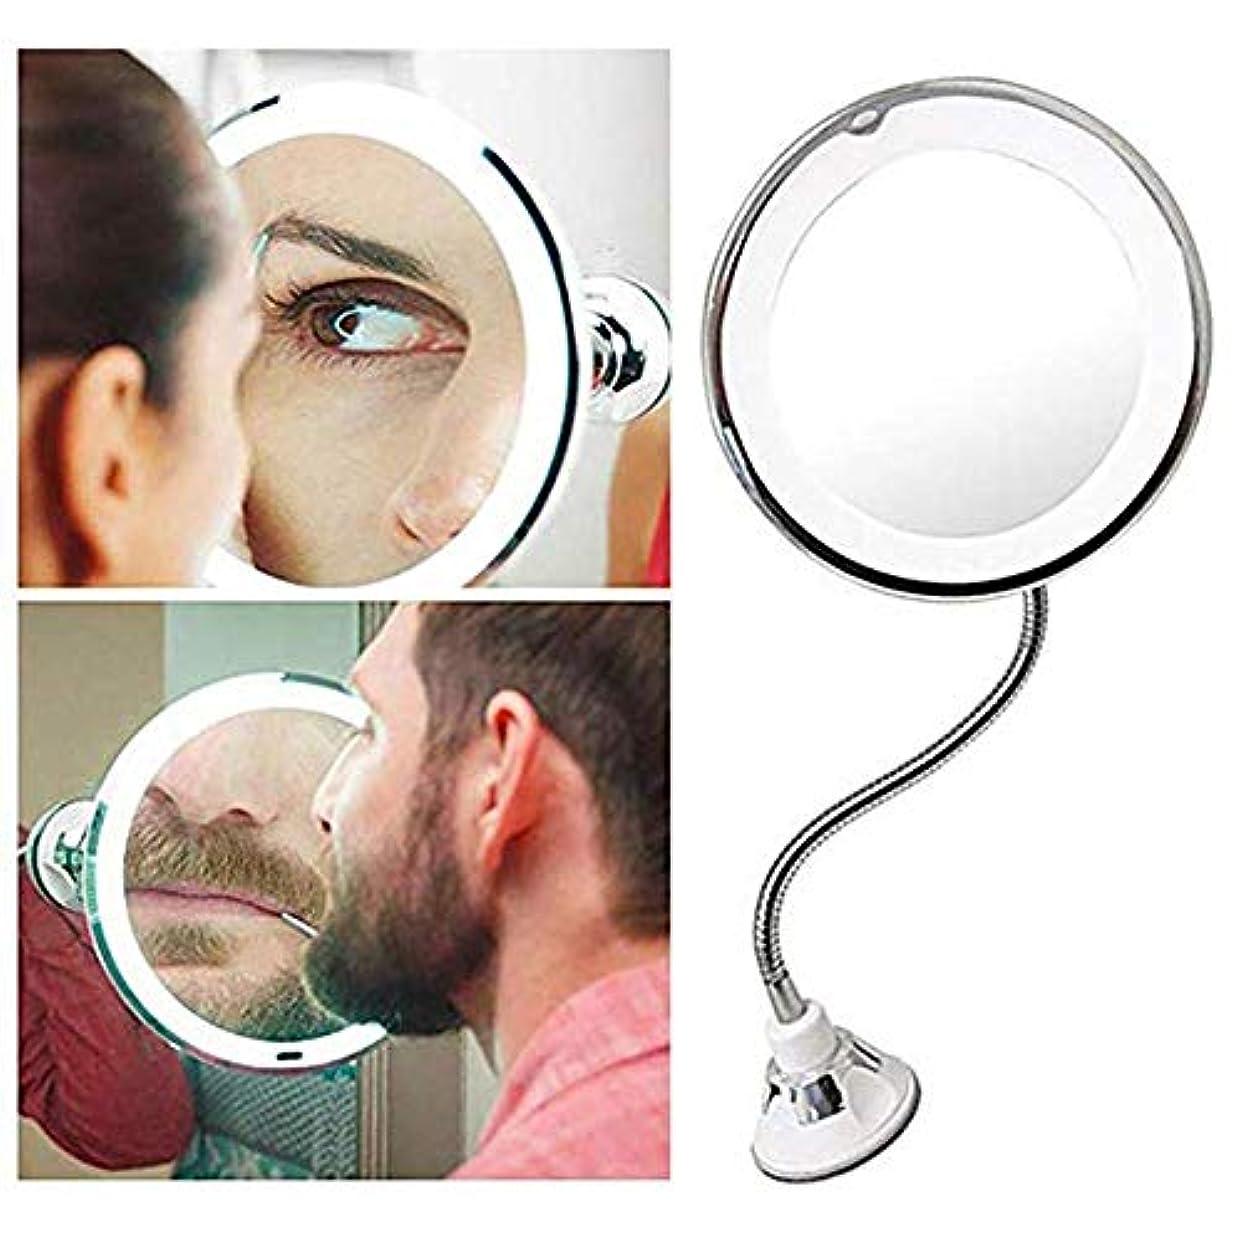 作曲する原油メリー7倍 LED化粧鏡 風呂鏡 吸盤ロック付き 浴室鏡 化粧ミラー 360度回転 メイクミラー LUERME 吸盤ロック付き 化粧ミラー シャワーミラー 鏡面直径17CM